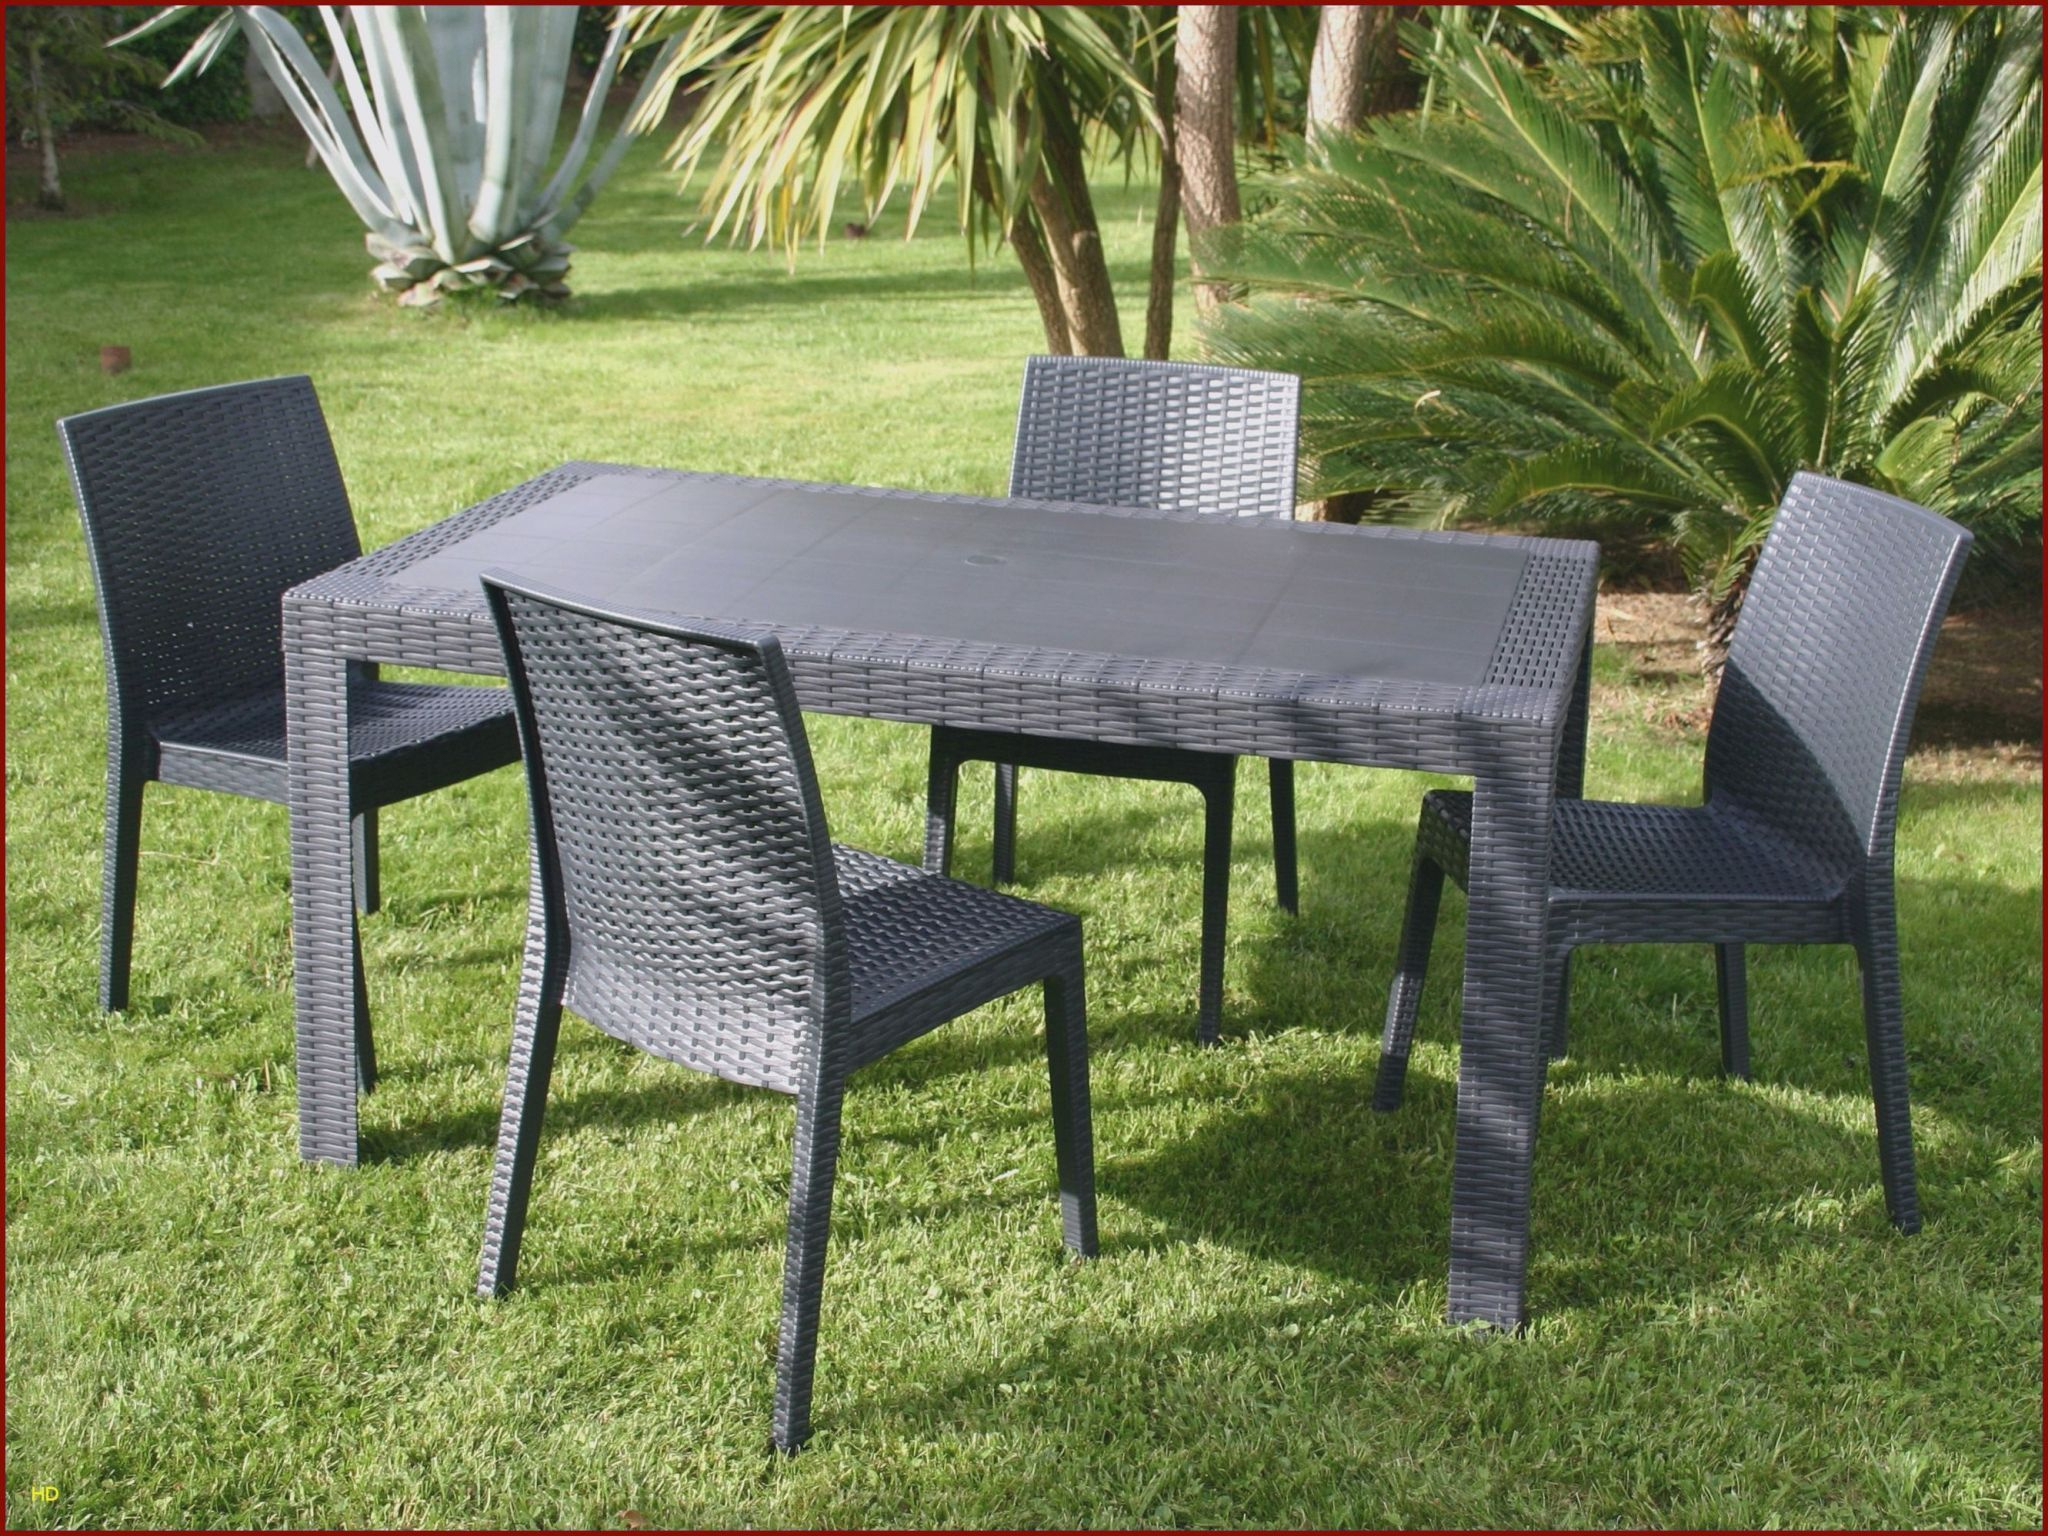 Fauteuil De Jardin En Plastique | Outdoor Furniture Sets encequiconcerne Serré De Jardin Leclerc